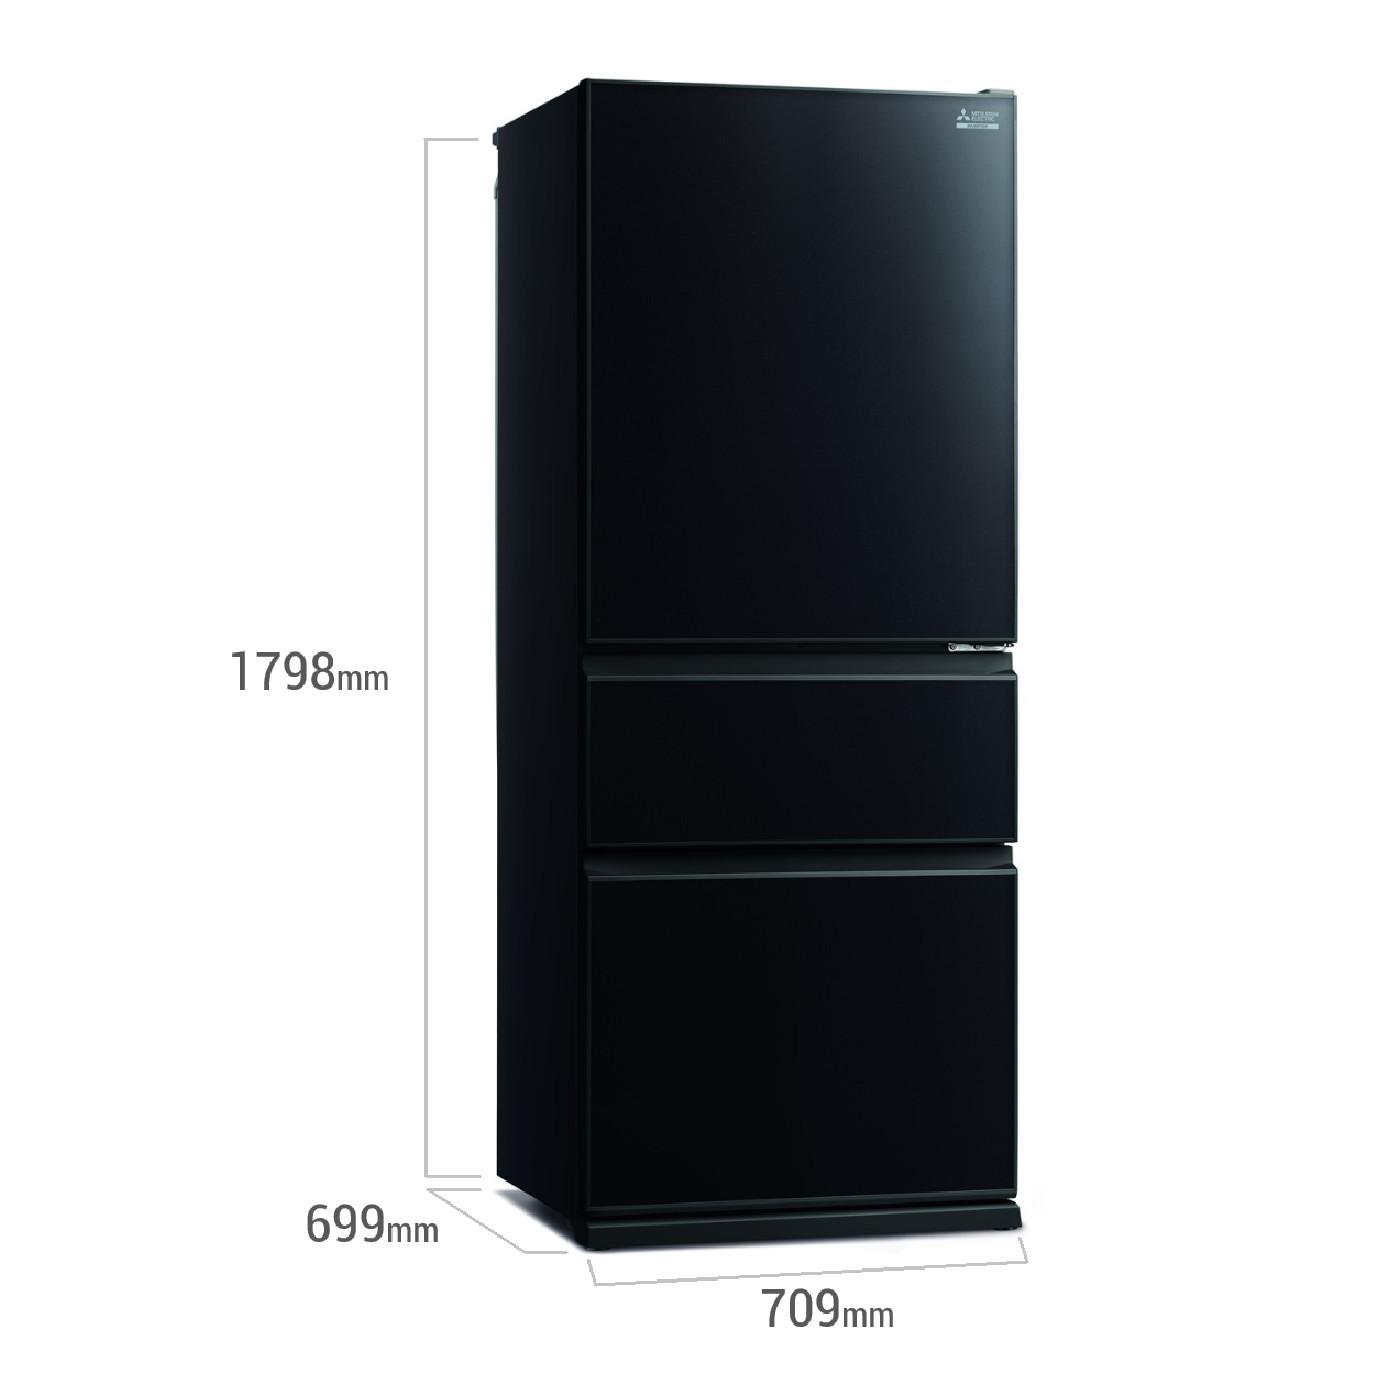 Tủ lạnh Mitsubishi Inverter 450 lít MR-CGX56EP-GBK-V - Hàng chính hãng (chỉ giao HCM)